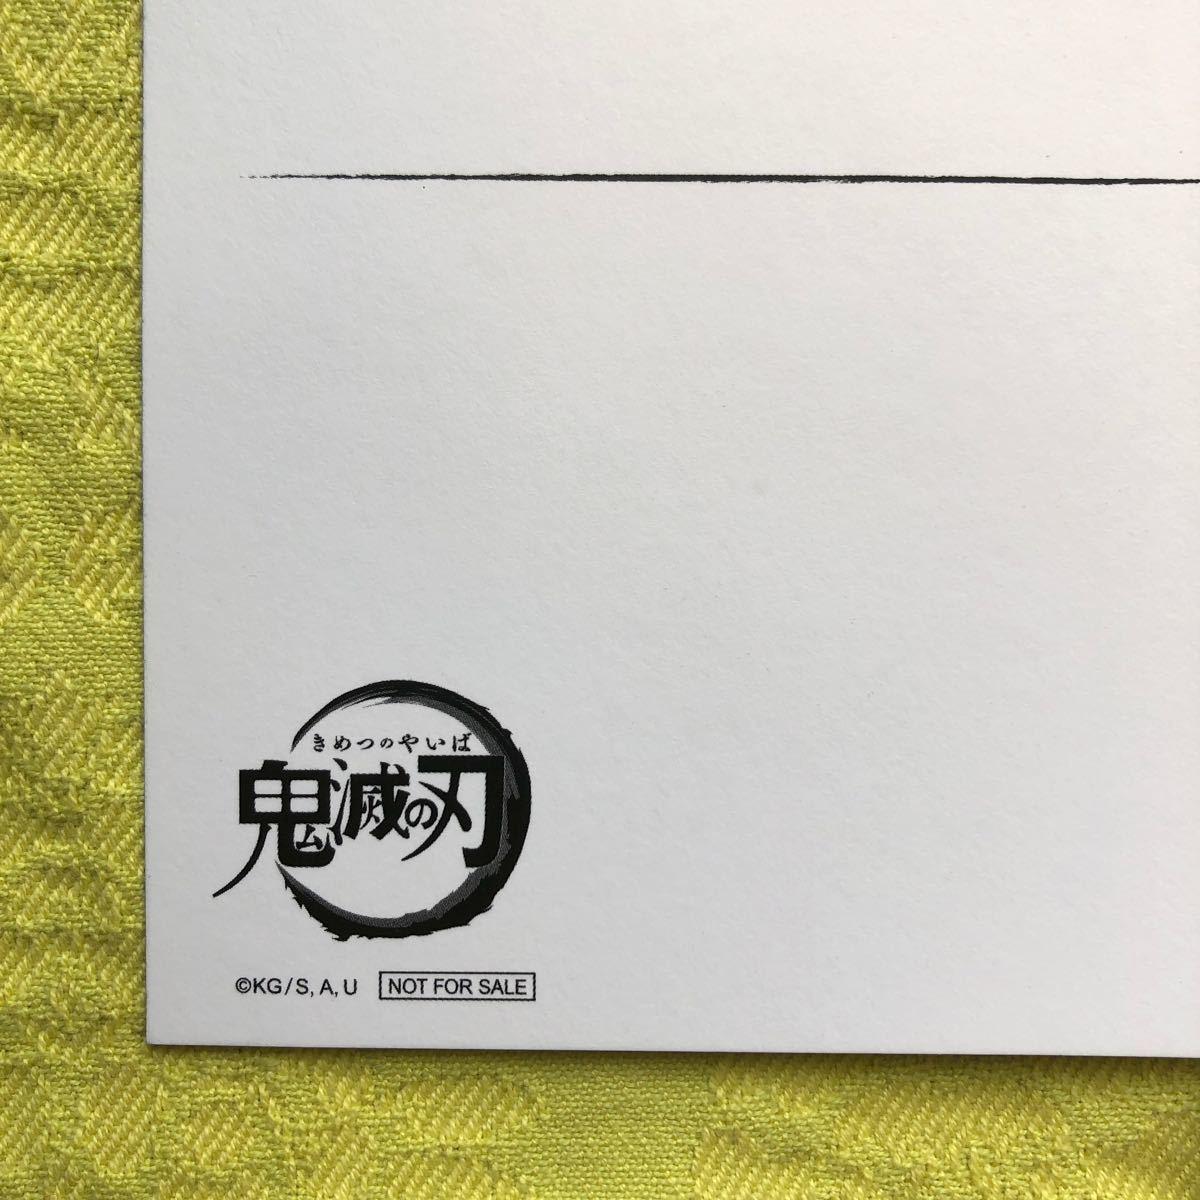 鬼滅の刃 胡蝶しのぶ 中国限定 中華楽器 ポストカード ぴたでふぉめ ローソン アクリルキーホルダー アクキー 東京ドーム シール